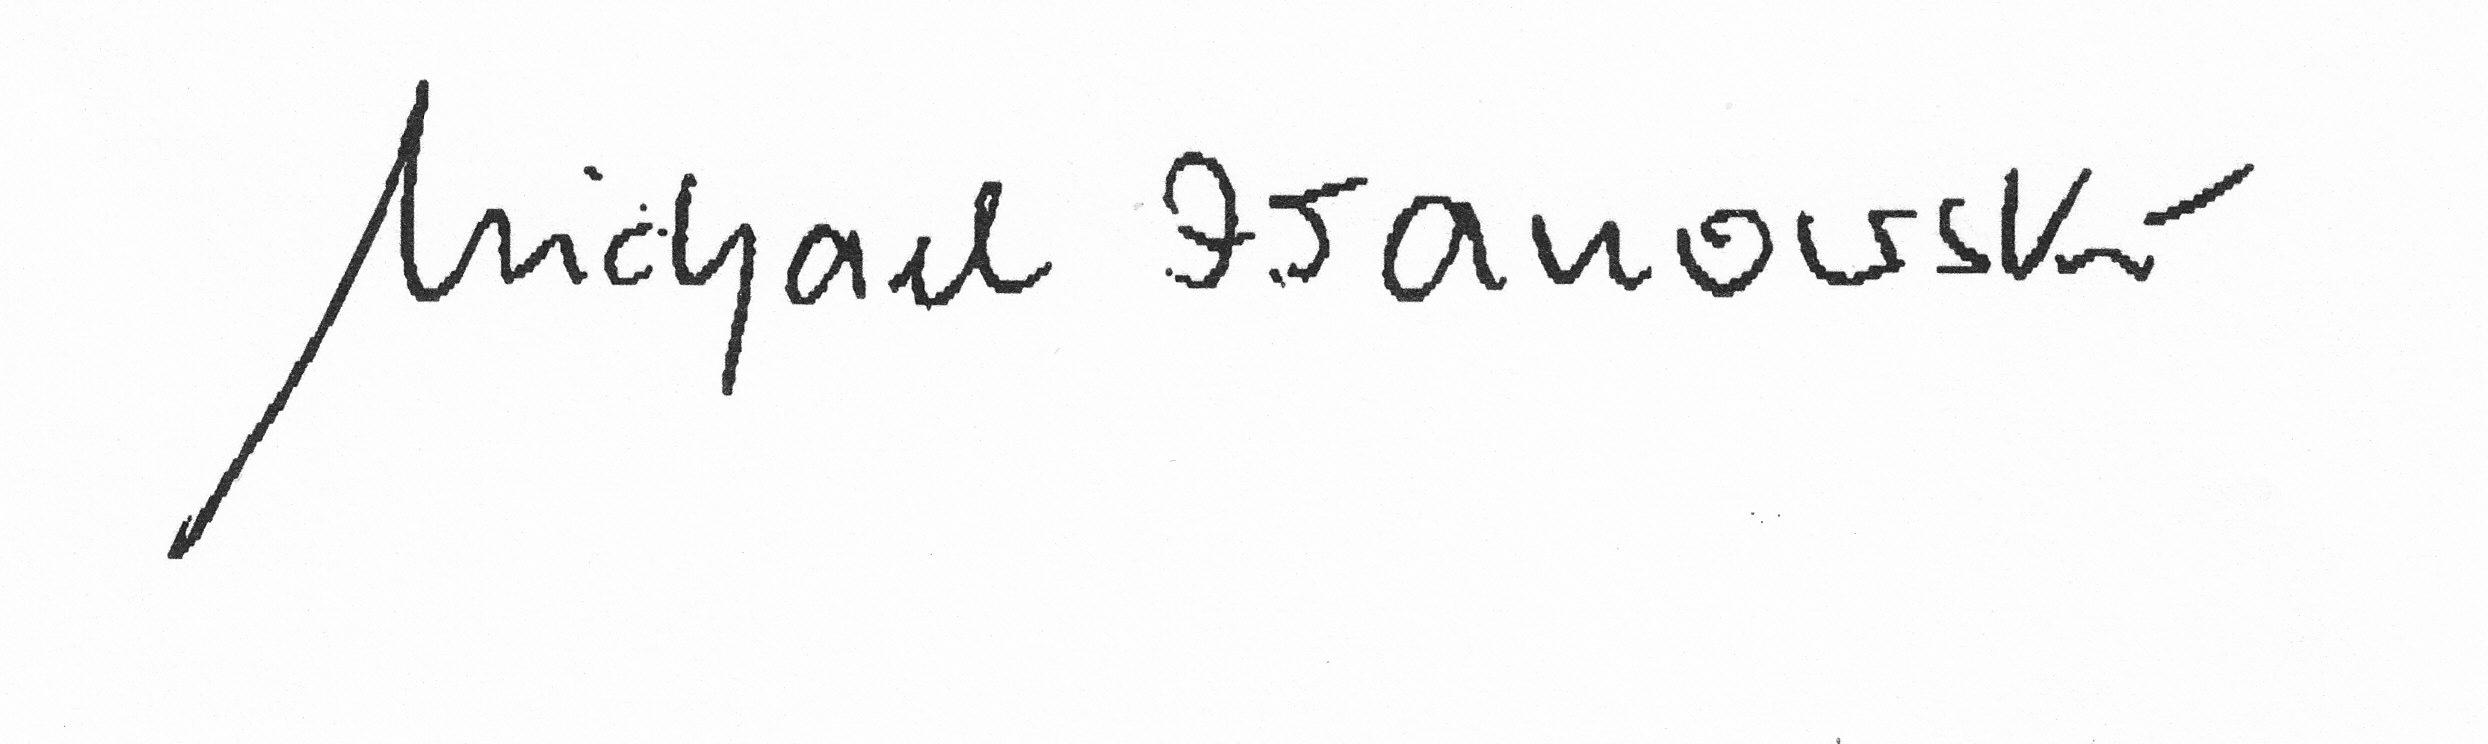 Unterschrift Michael Iwanowski neu aus Vorschau